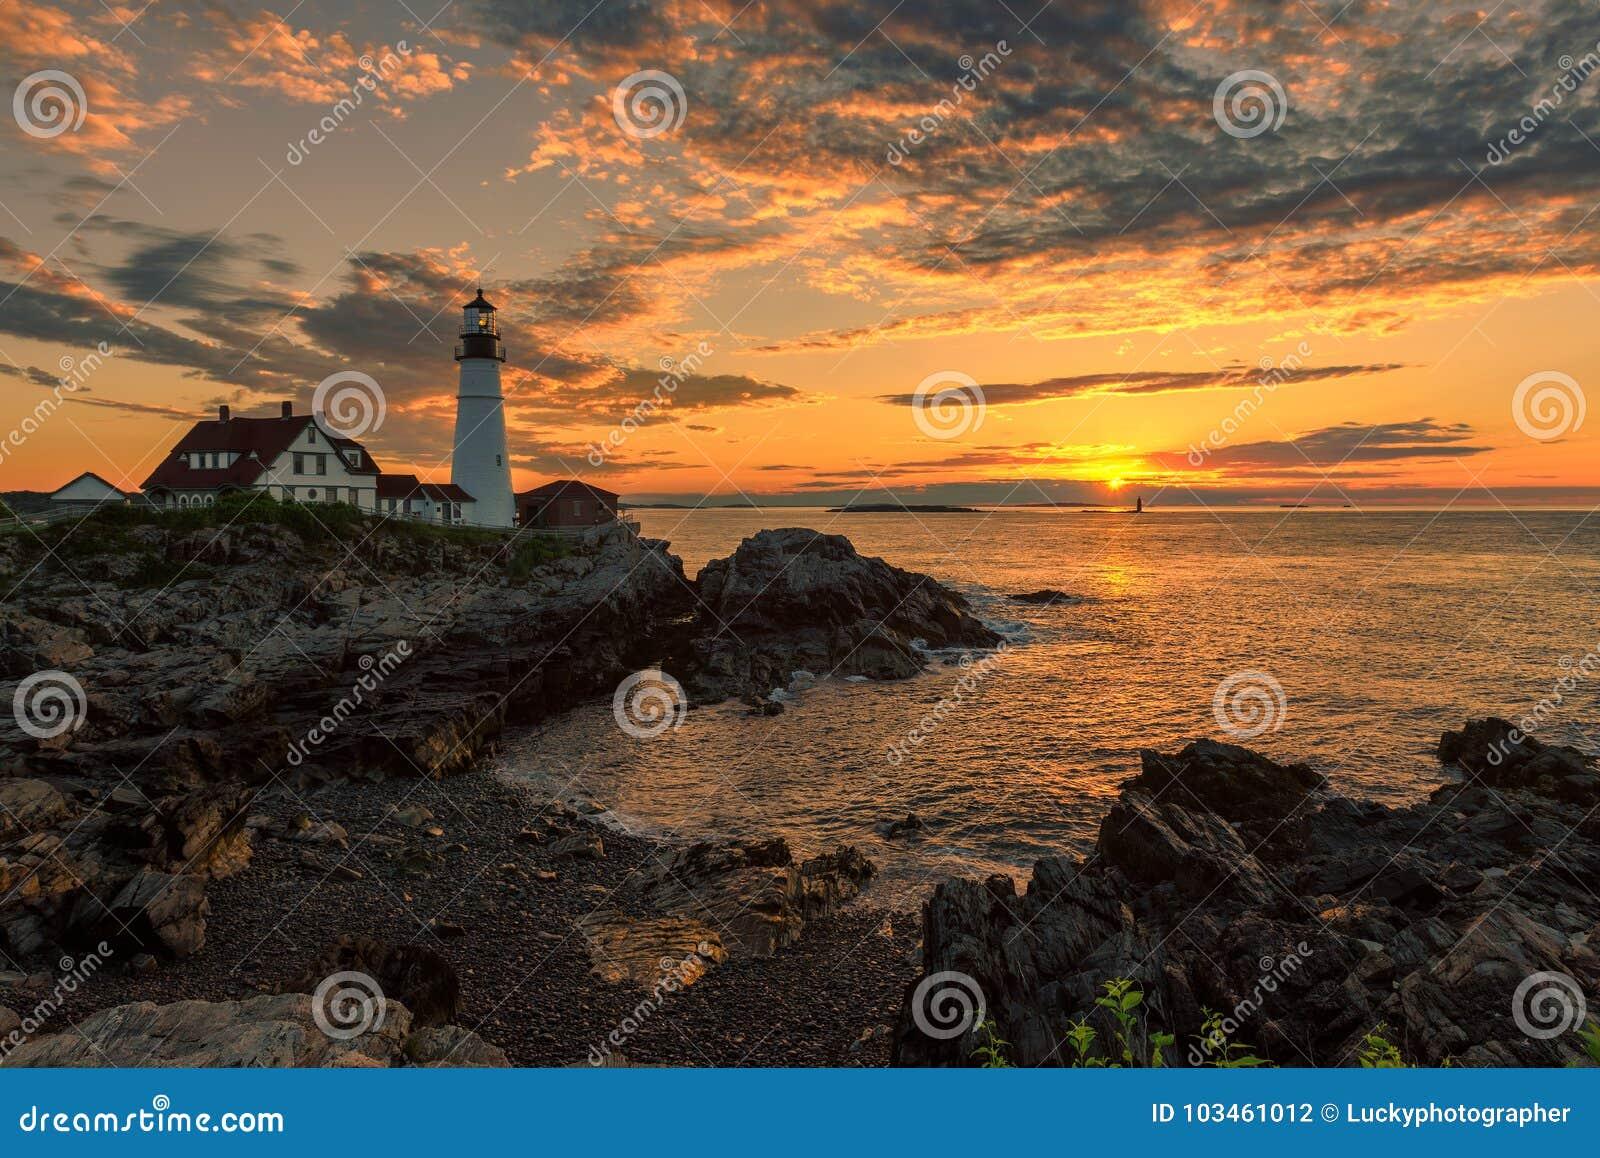 Маяк на восходе солнца, Мейн Портленда, США